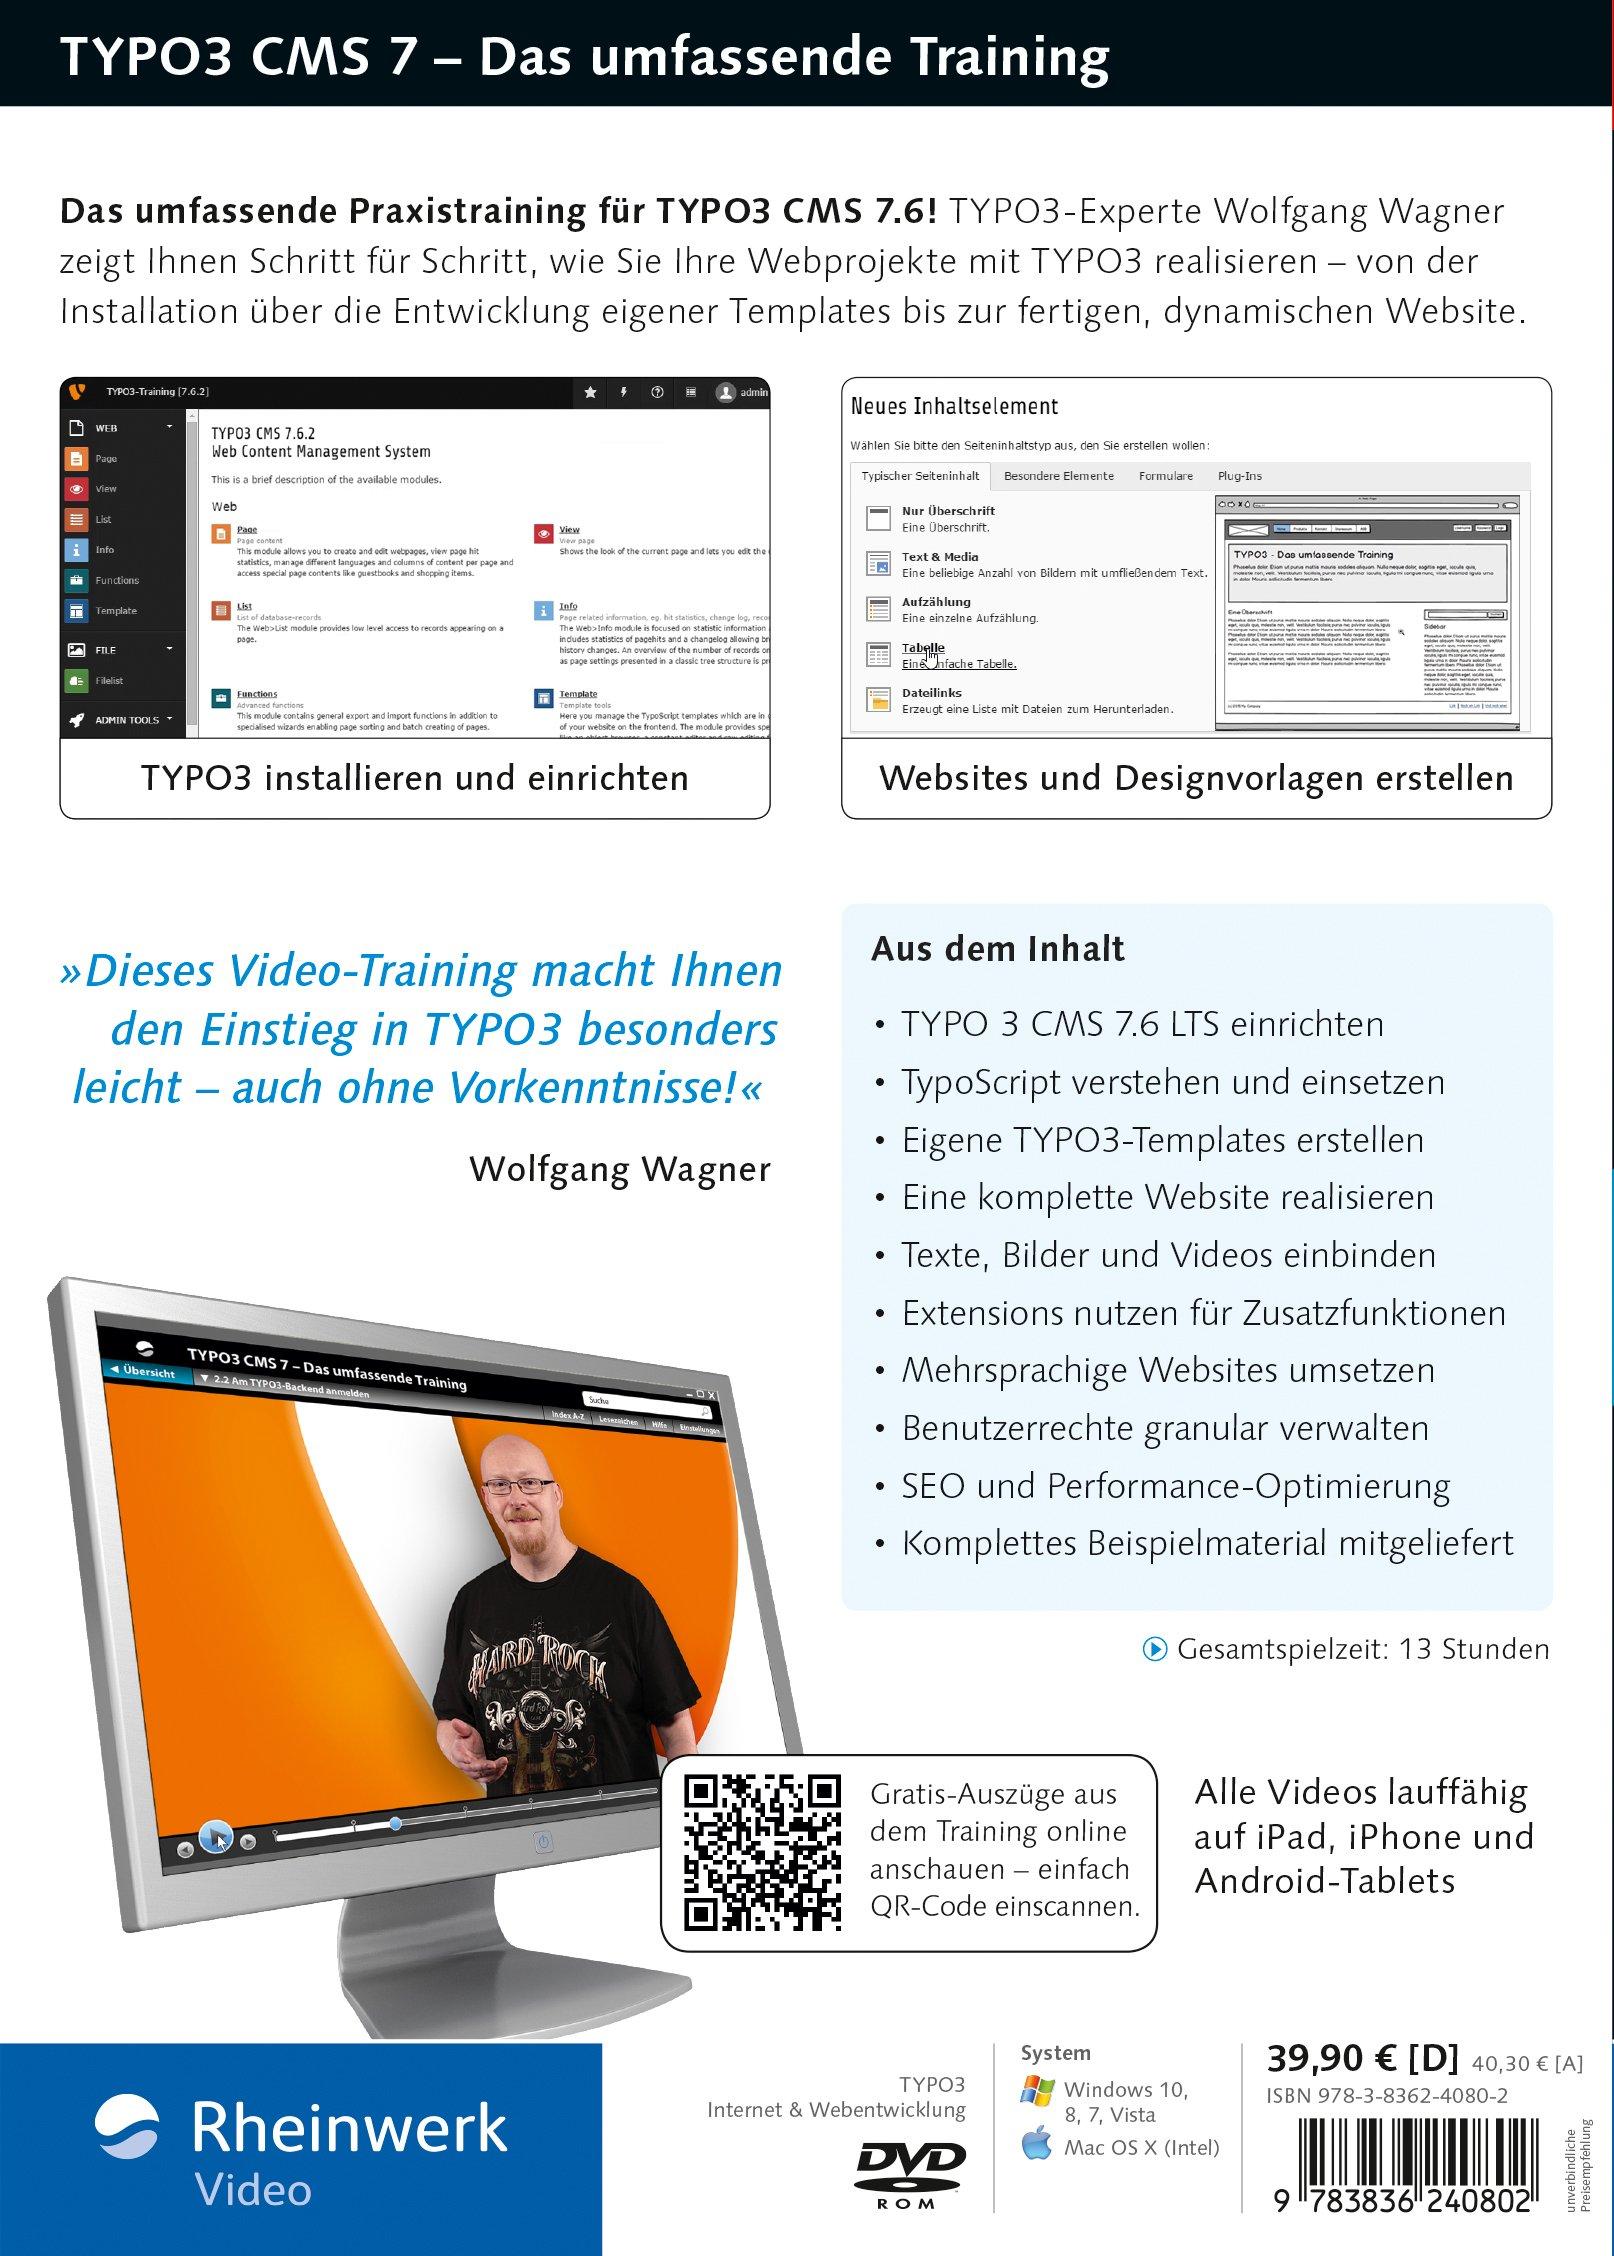 TYPO3 CMS 7 - Das Training für Webentwickler, Webdesigner und ...